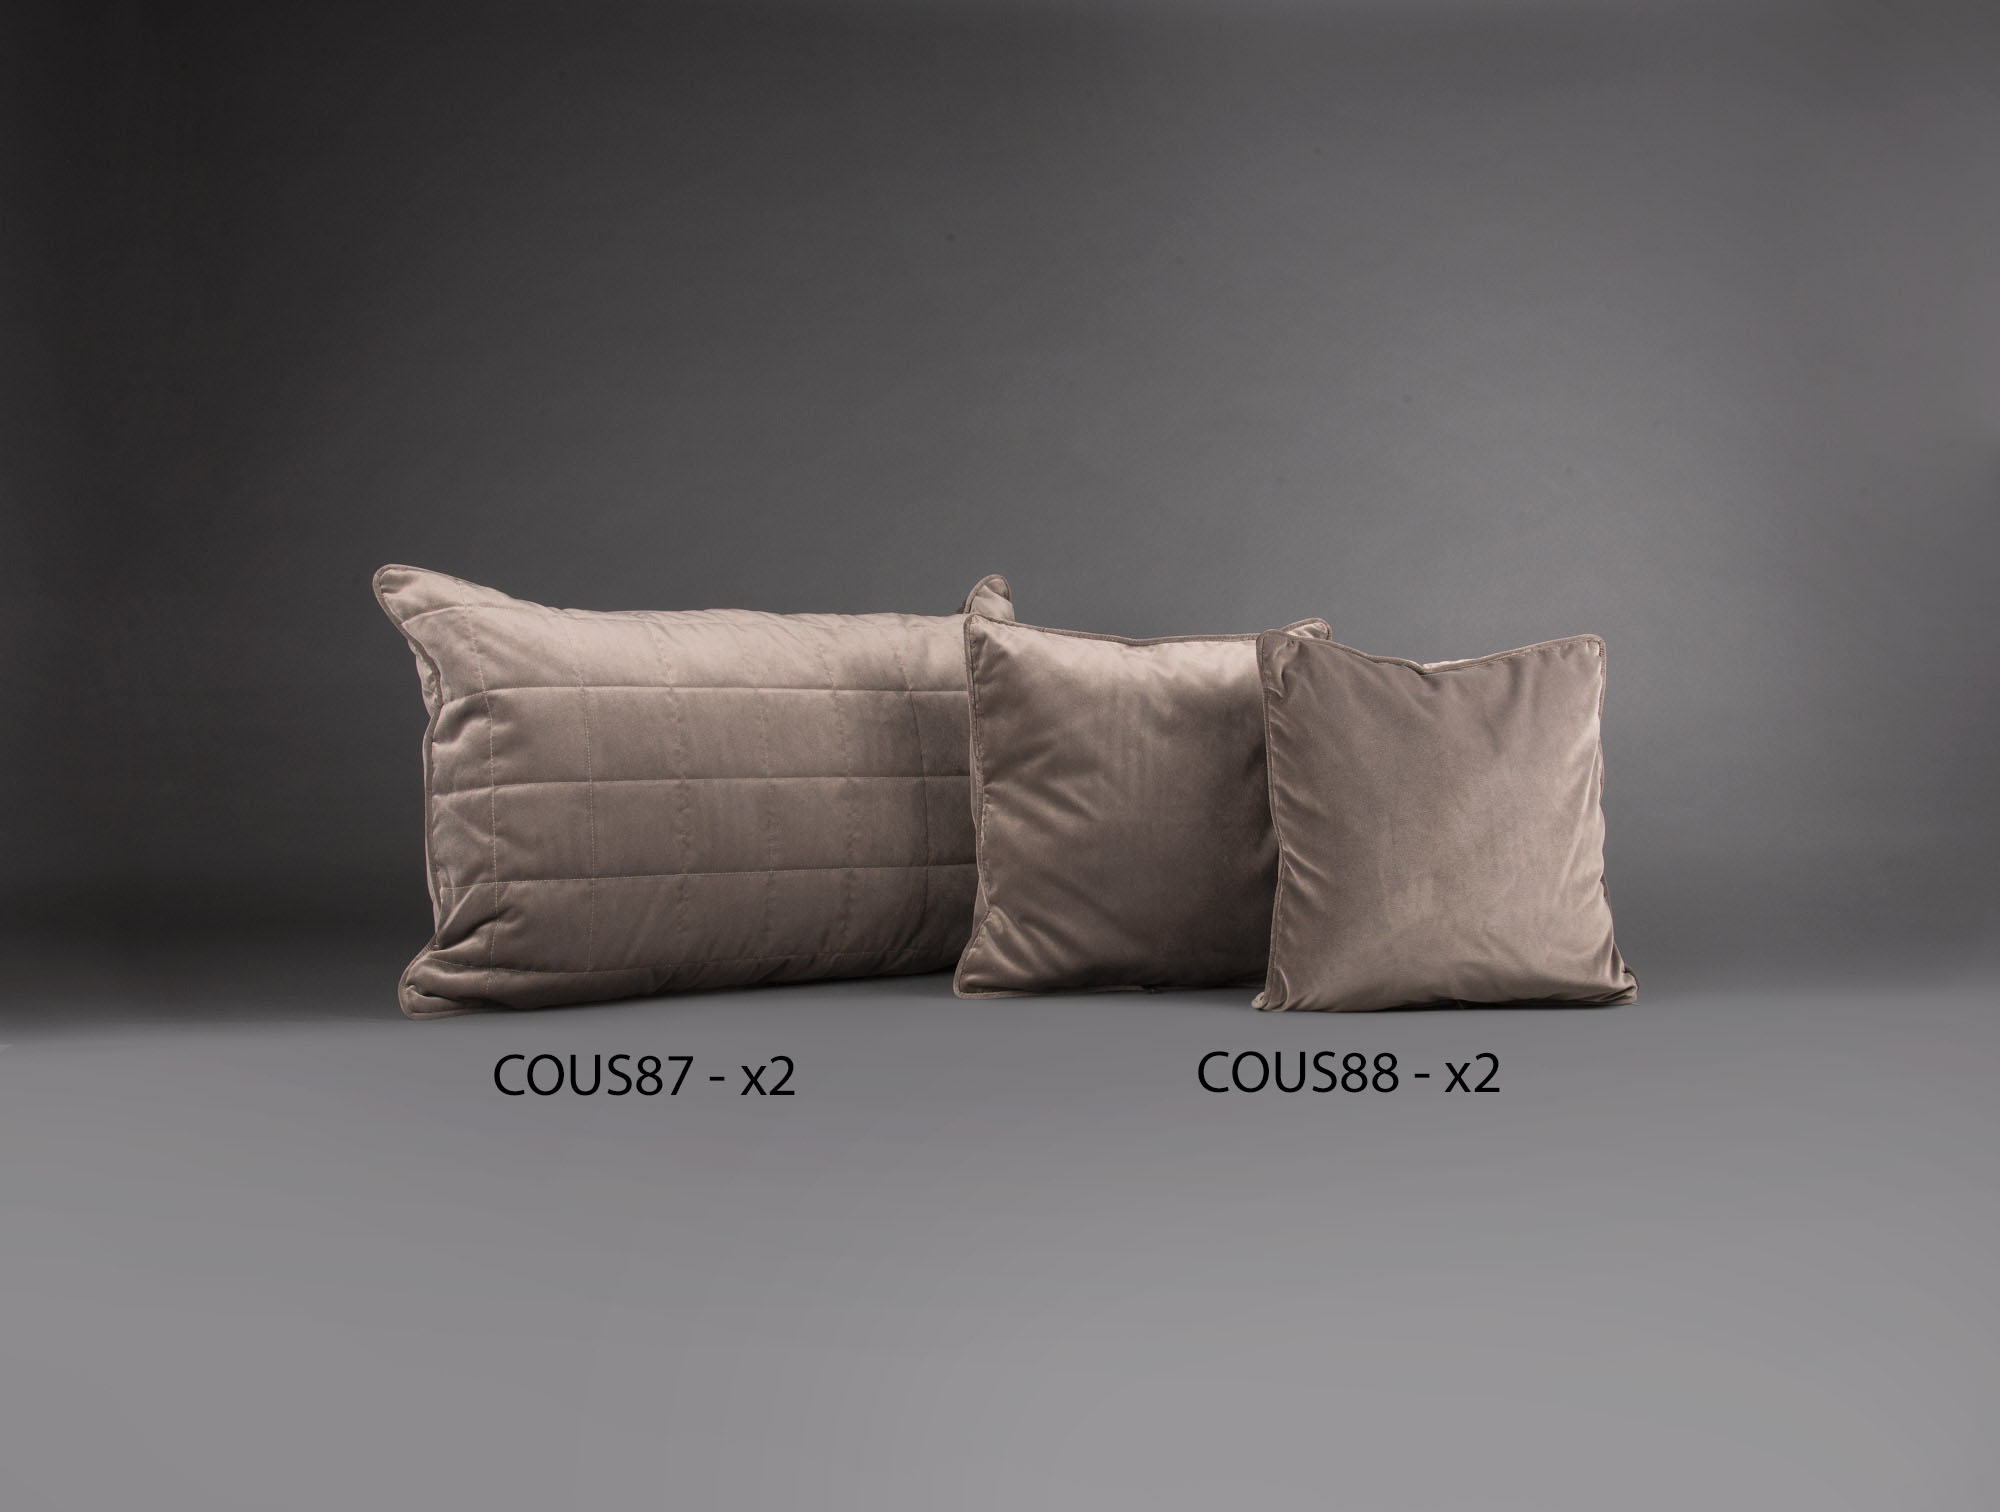 4 coussins en velours taupe soubrier louer tissus coussin contemporain. Black Bedroom Furniture Sets. Home Design Ideas